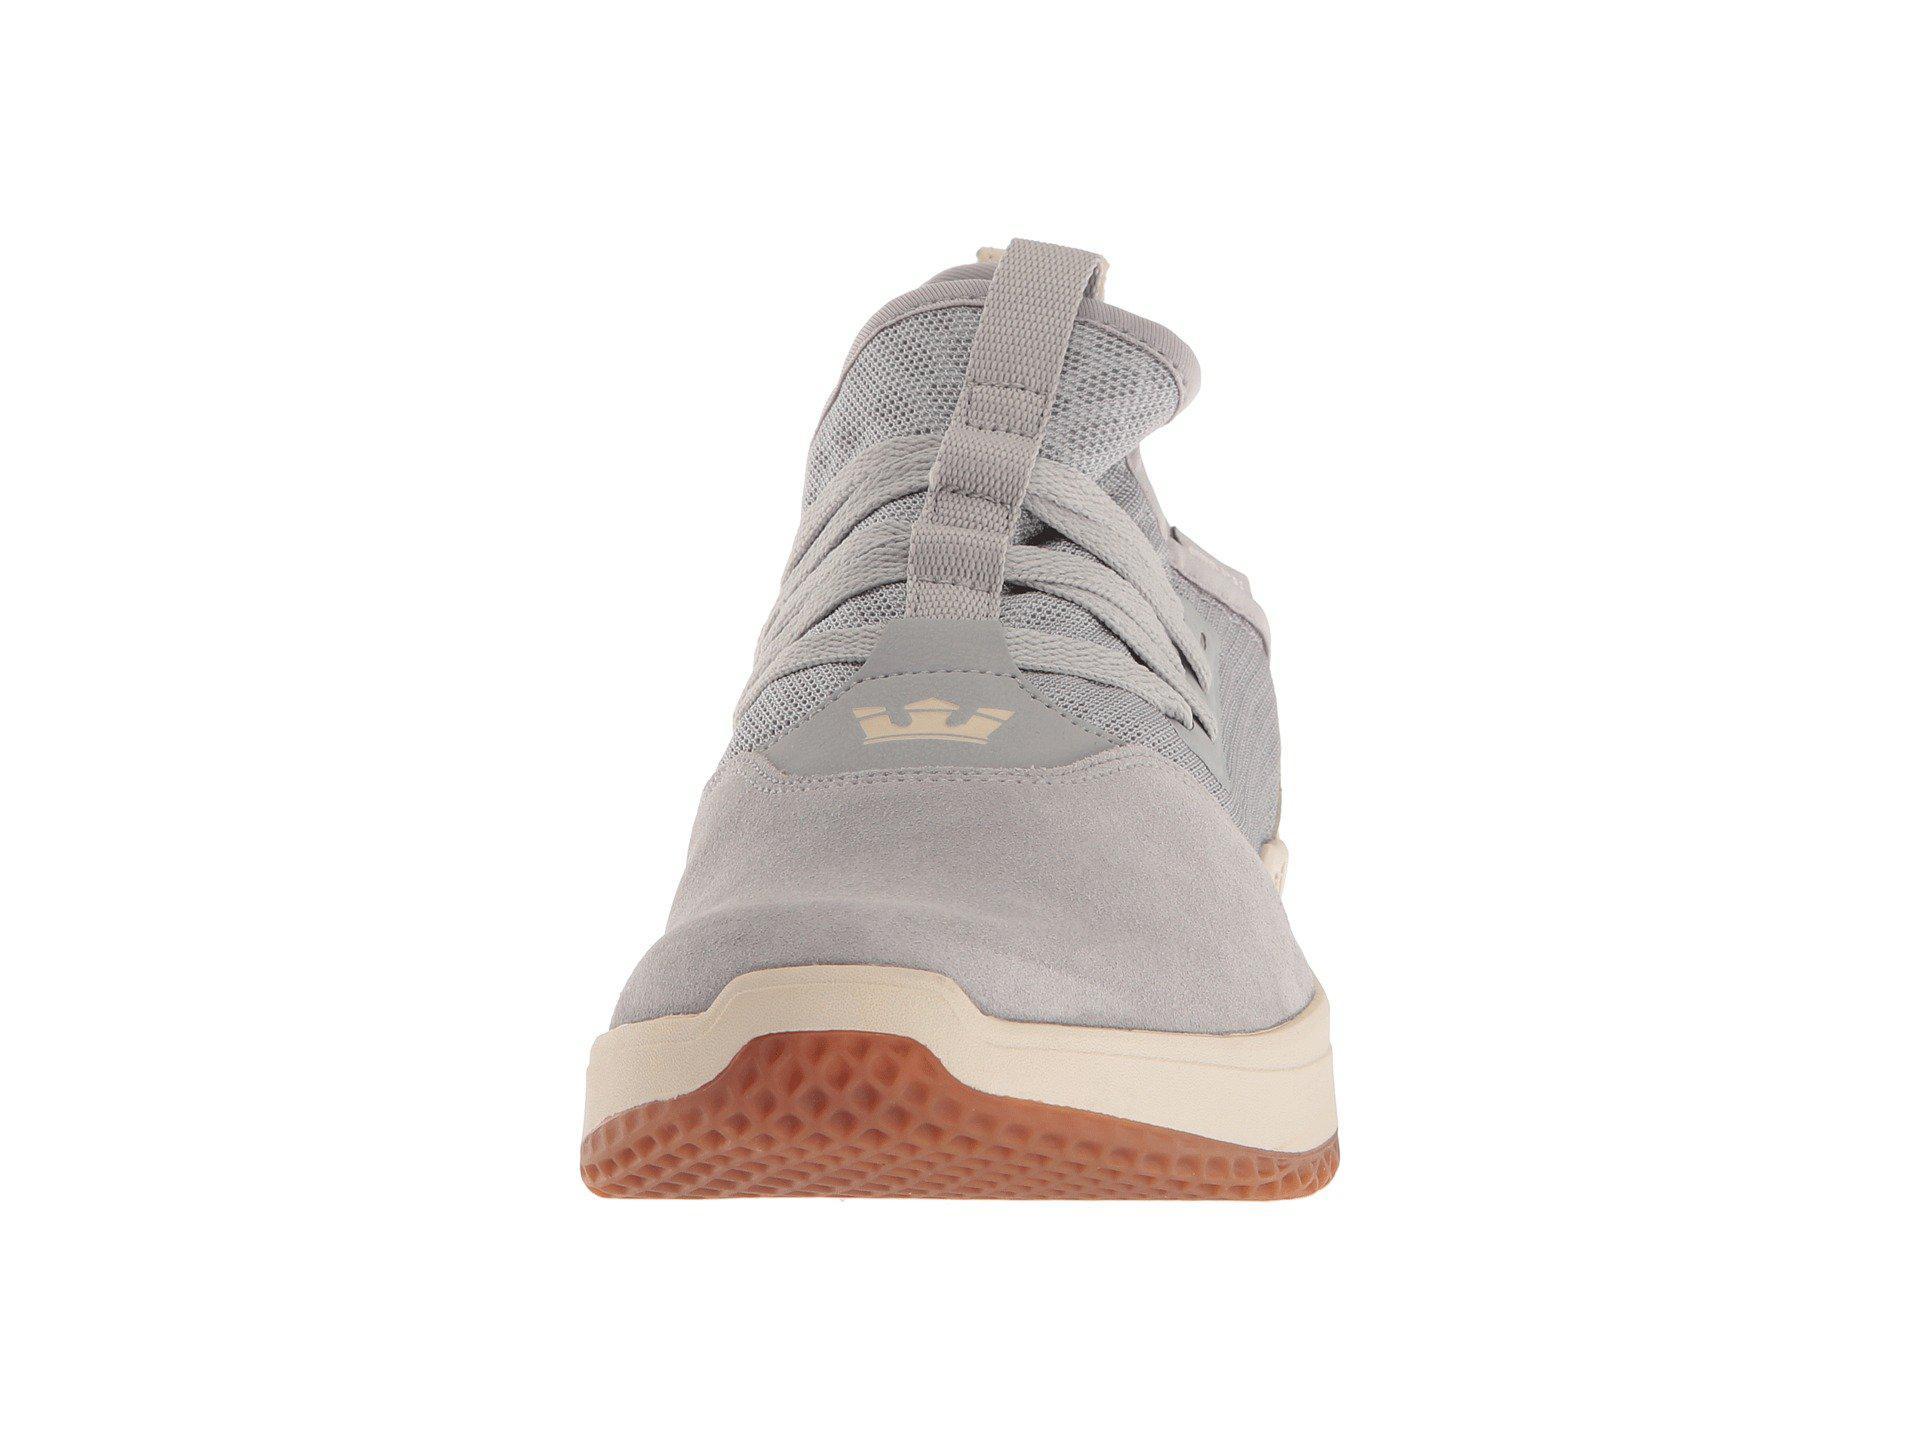 b2adb011637c Lyst - Supra Titanium (light Grey bone gum) Men s Skate Shoes in ...